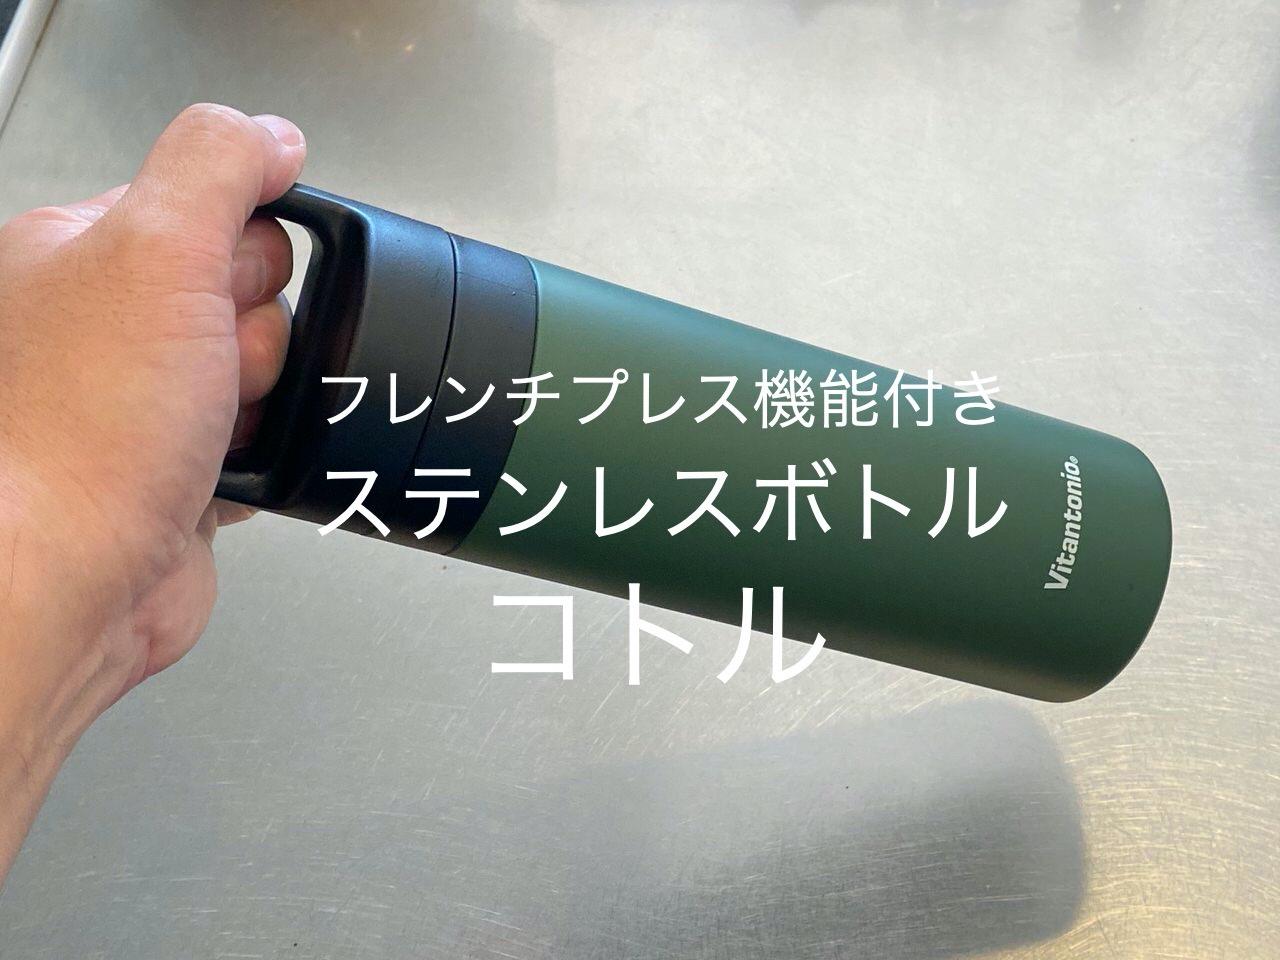 熱々のコーヒーを手放せない人に!フレンチプレス機能でコーヒーを淹れたまま持ち歩けるステンレスボトル「コトル」